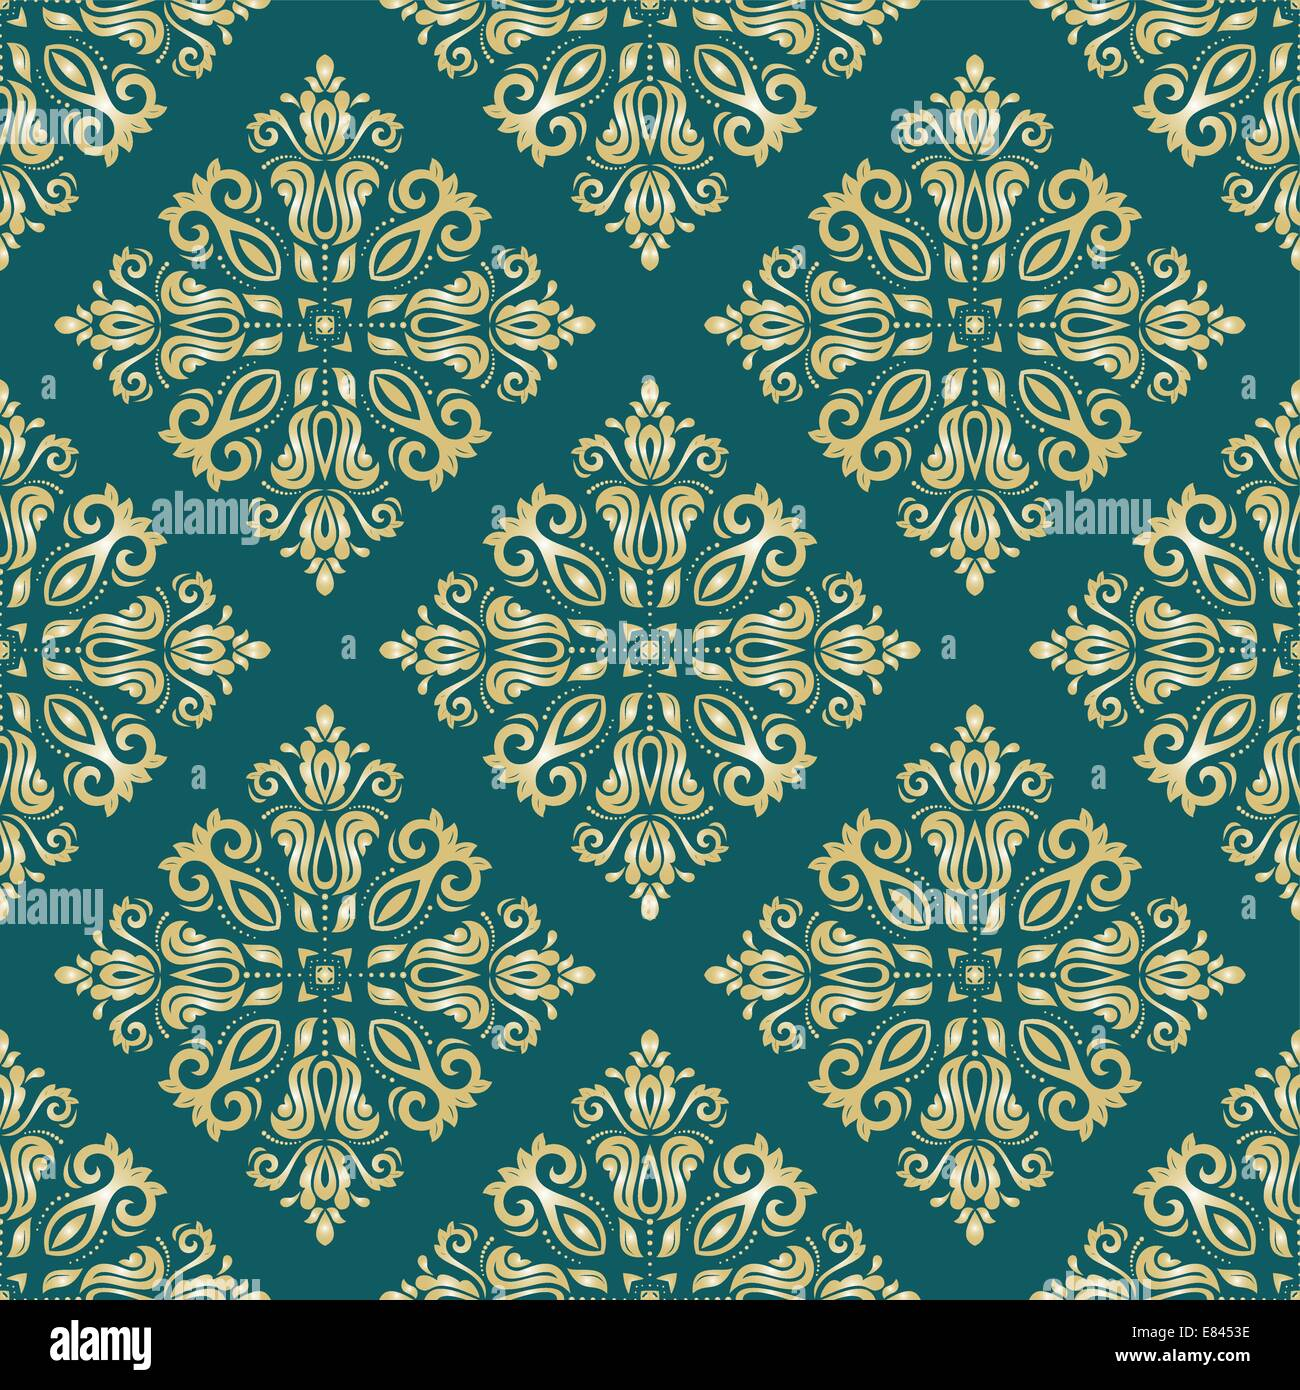 Vettore orientali pattern con damasco, Arabesque ed elementi floreali. Seamless sfondo astratto Immagini Stock